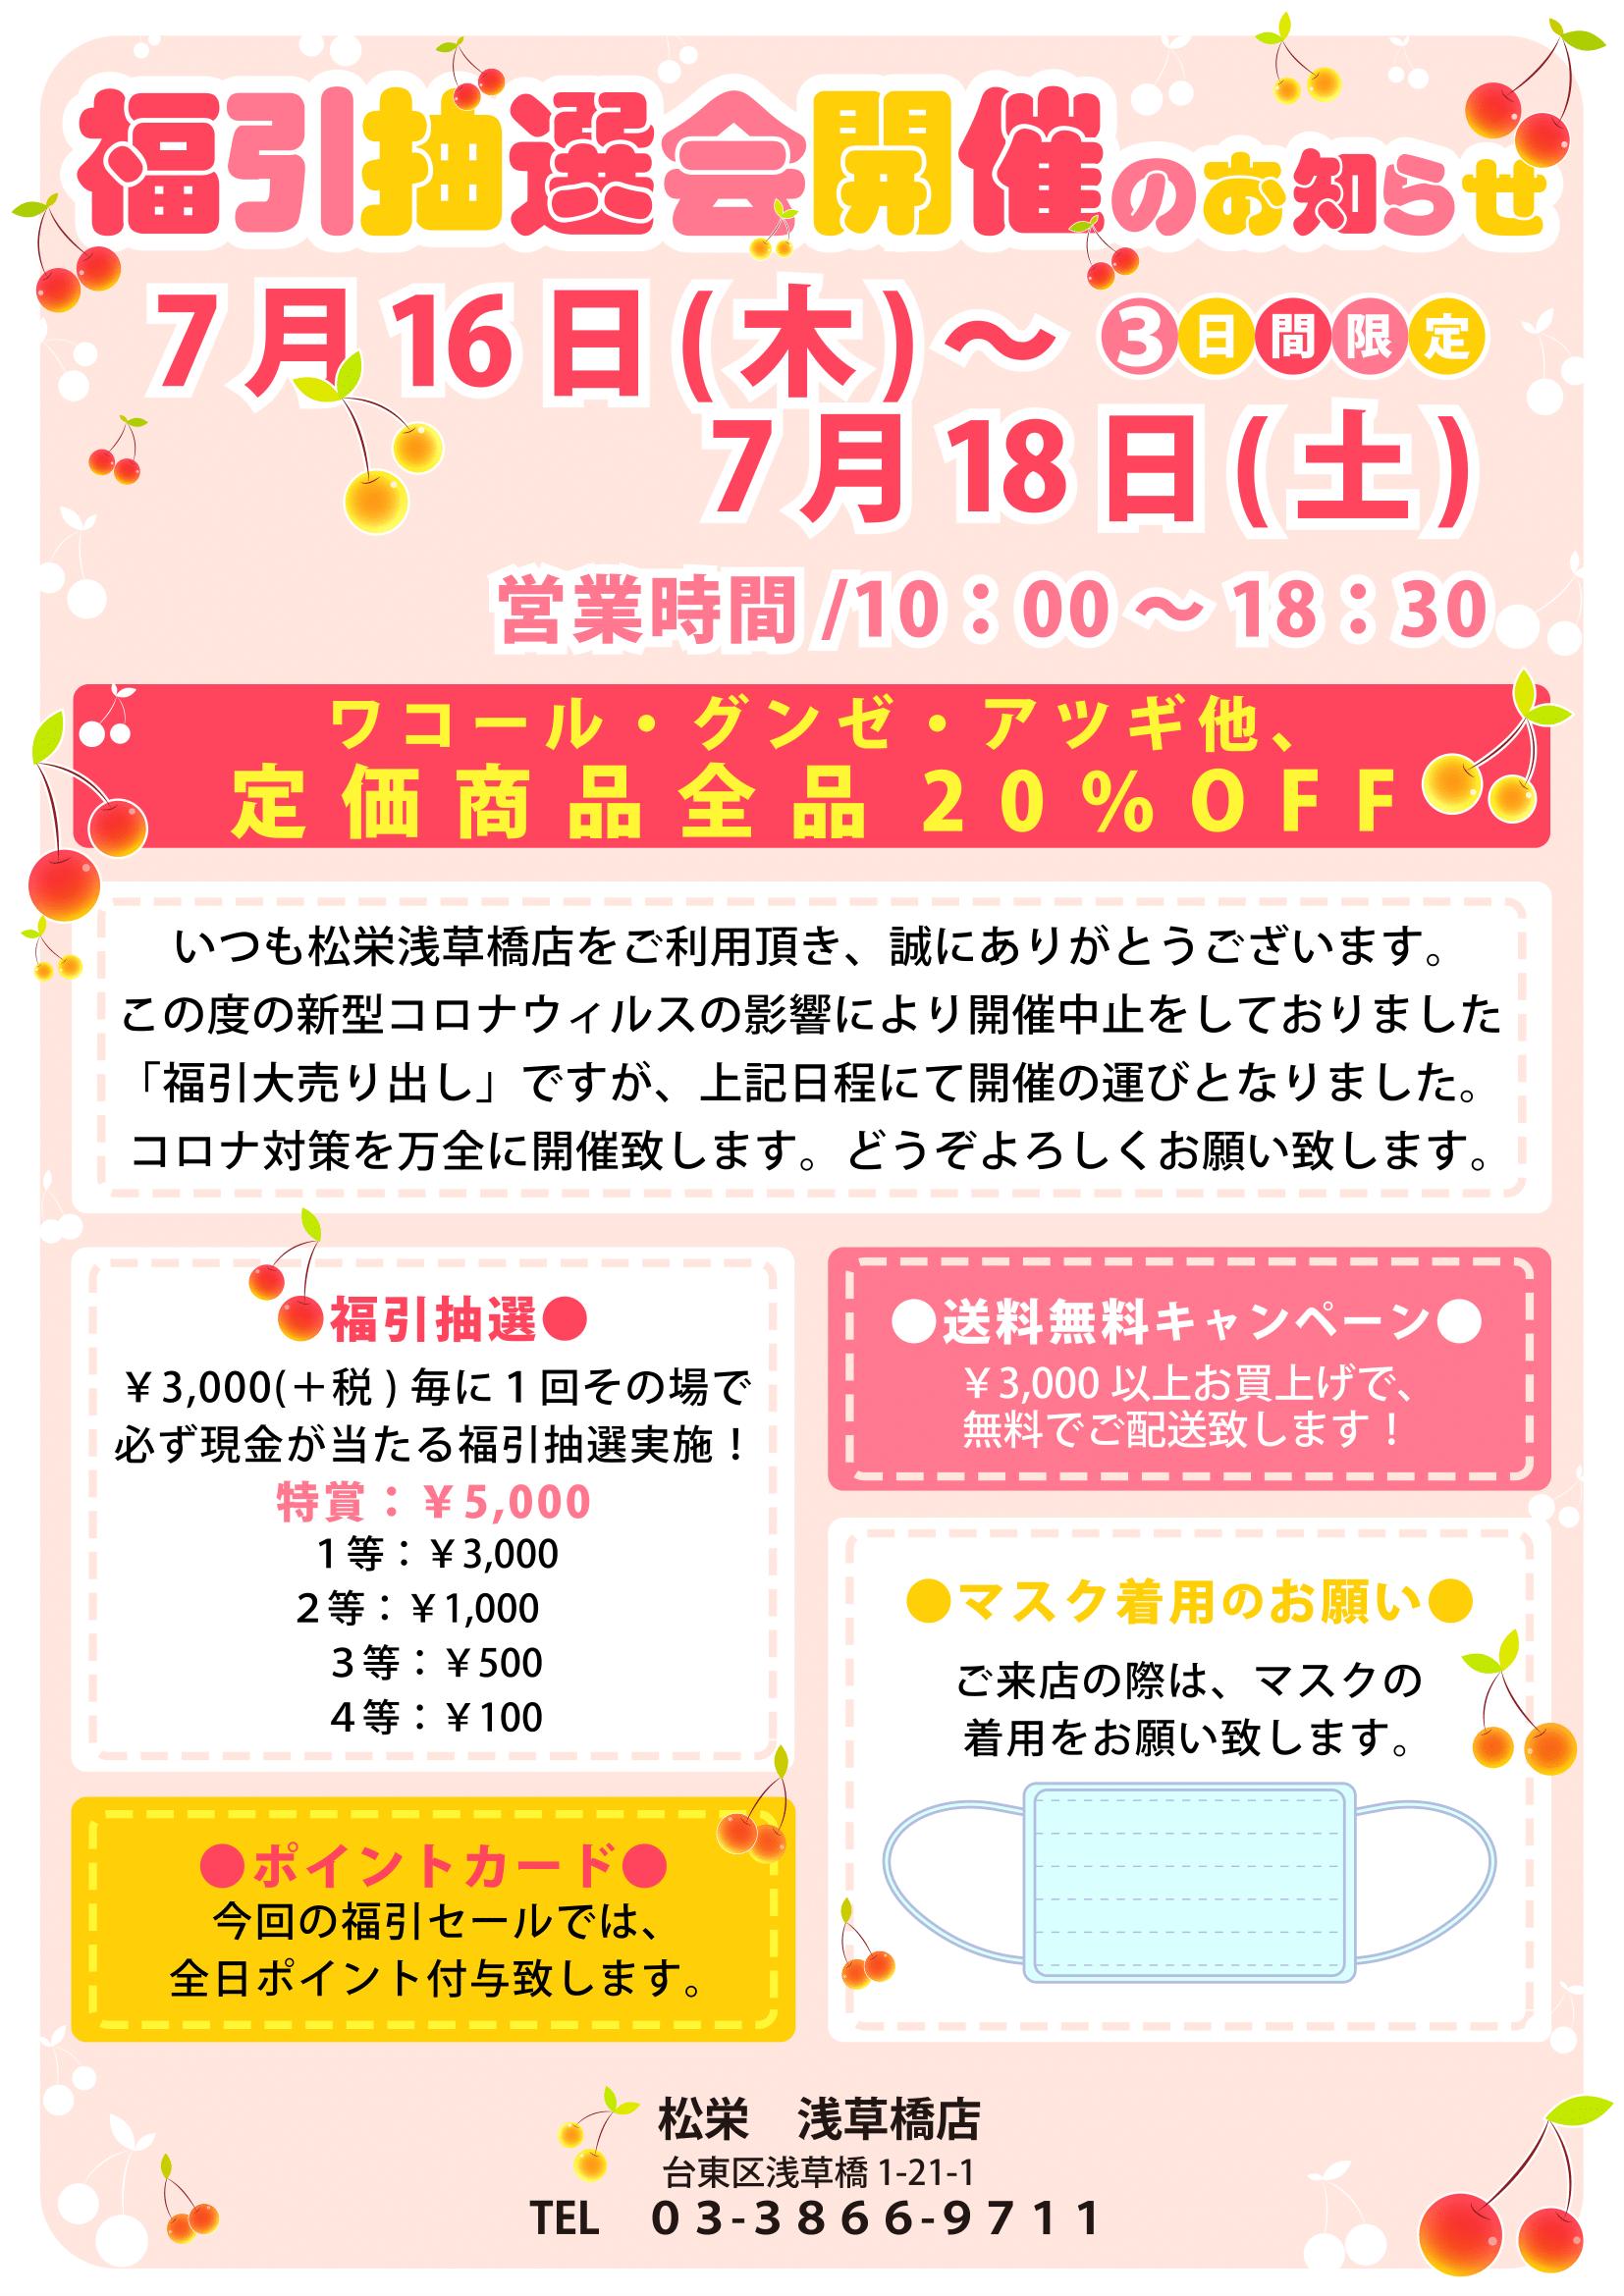 明日から3日間!! 「福引抽選会☆」 開催です(^^)~ | チーム ...